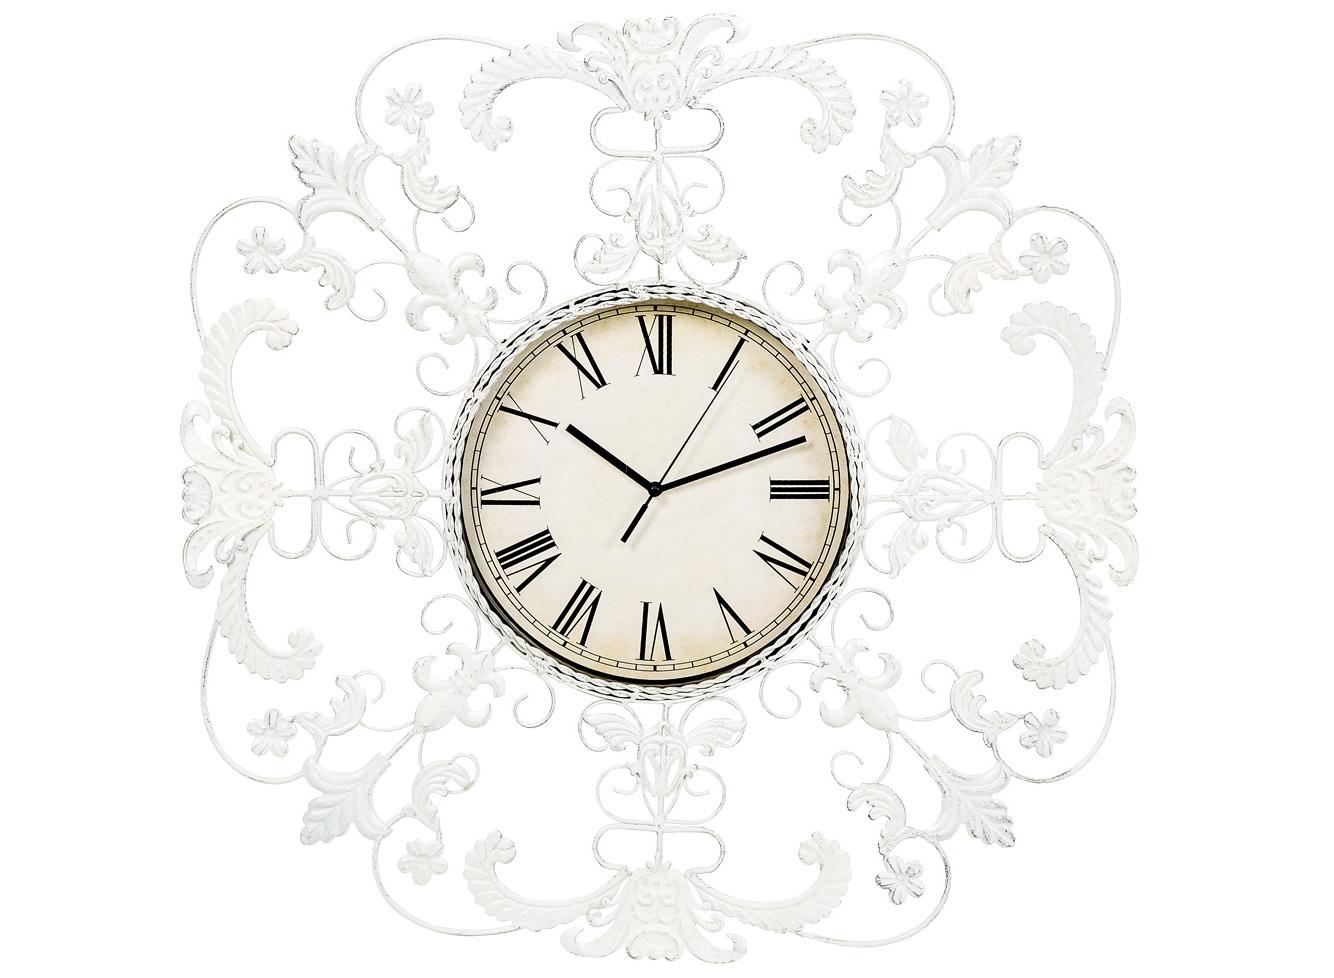 Настенные часы ЭвианНастенные часы<br>Где бы Вы ни расположили часы &amp;quot;Эвиан&amp;quot;, они, подобно мишени,  всегда будут центром внимания. &amp;quot;Эвиан&amp;quot; - идеальный пример декоративных часов. Для одних это часы, увенчанные восхитительной рельефной оправой, для других - изысканное панно, снабженное часами. Эти часы не диктуют центрального расположения, позволяя украсить собой любой домашний уголок. Прозрачный узор эффектно подчеркнет как цветные обои, так и однотонные стены.&amp;lt;div&amp;gt;&amp;lt;br&amp;gt;&amp;lt;/div&amp;gt;&amp;lt;div&amp;gt;&amp;lt;div&amp;gt;Тип батарейки: LR14 C 1,5 В.&amp;lt;/div&amp;gt;&amp;lt;div&amp;gt;Необходимое количество батареек: 1 шт.&amp;lt;br&amp;gt;&amp;lt;/div&amp;gt;&amp;lt;div&amp;gt;Батарейка в комплект не входит.&amp;lt;/div&amp;gt;&amp;lt;/div&amp;gt;<br><br>Material: Металл<br>Width см: 60<br>Depth см: 3<br>Height см: 60